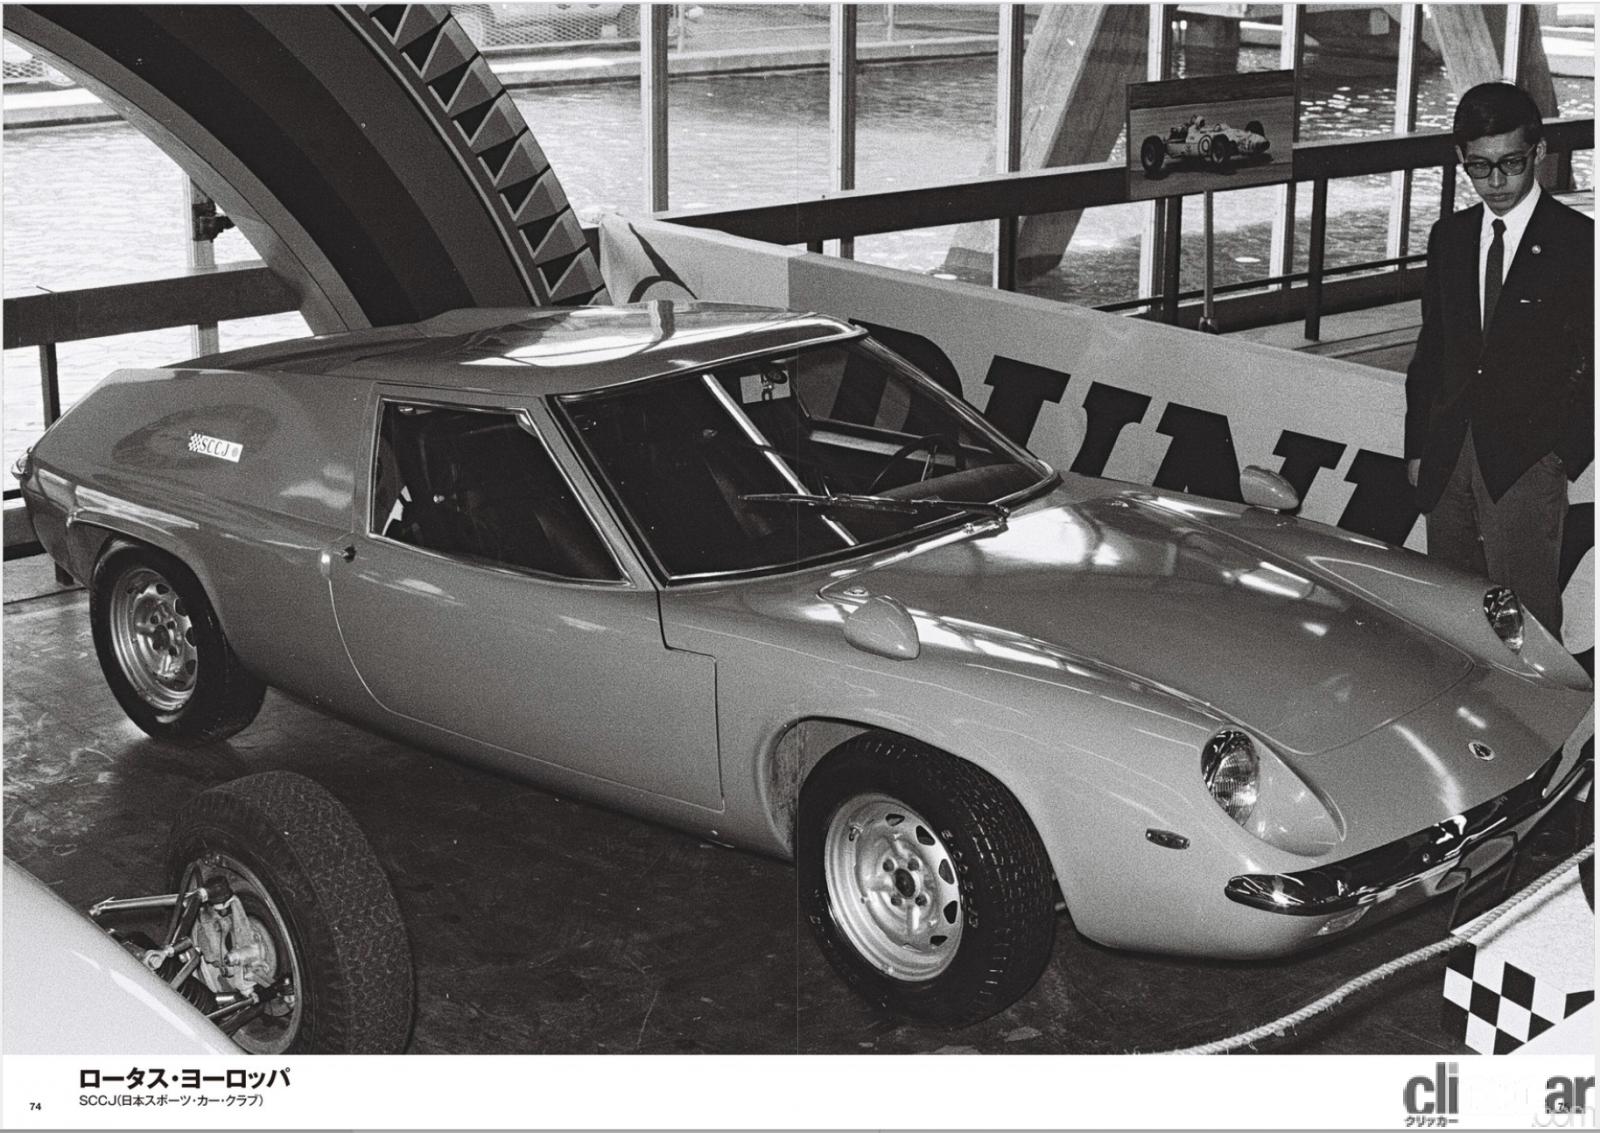 「三億円事件が起きた1968年、伝説の自動車イベント「東京レーシングカーショー」の第1回が開催された!」の9枚目の画像